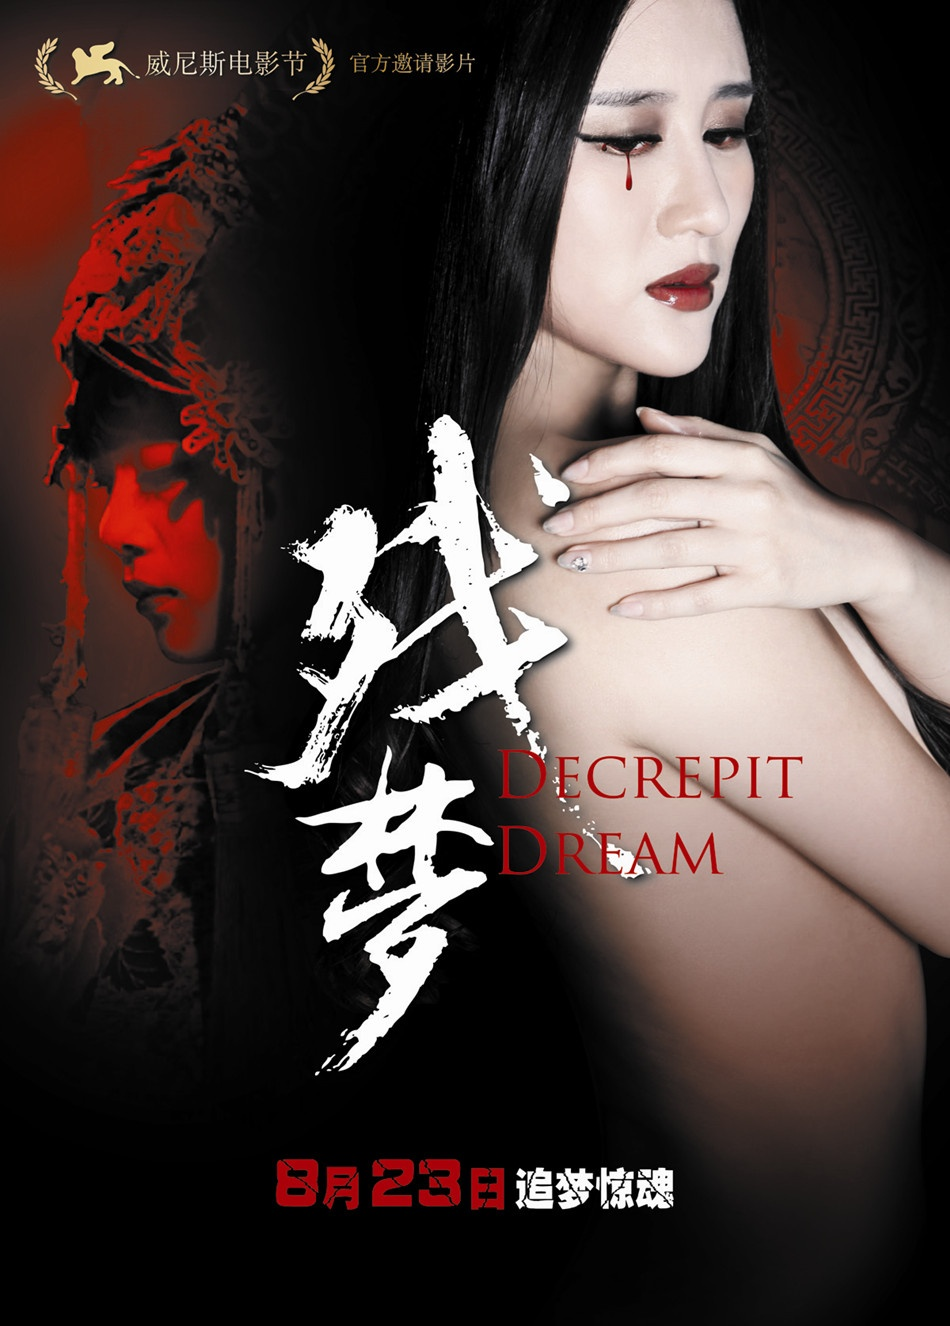 2012最新《残梦》高清迅雷下载